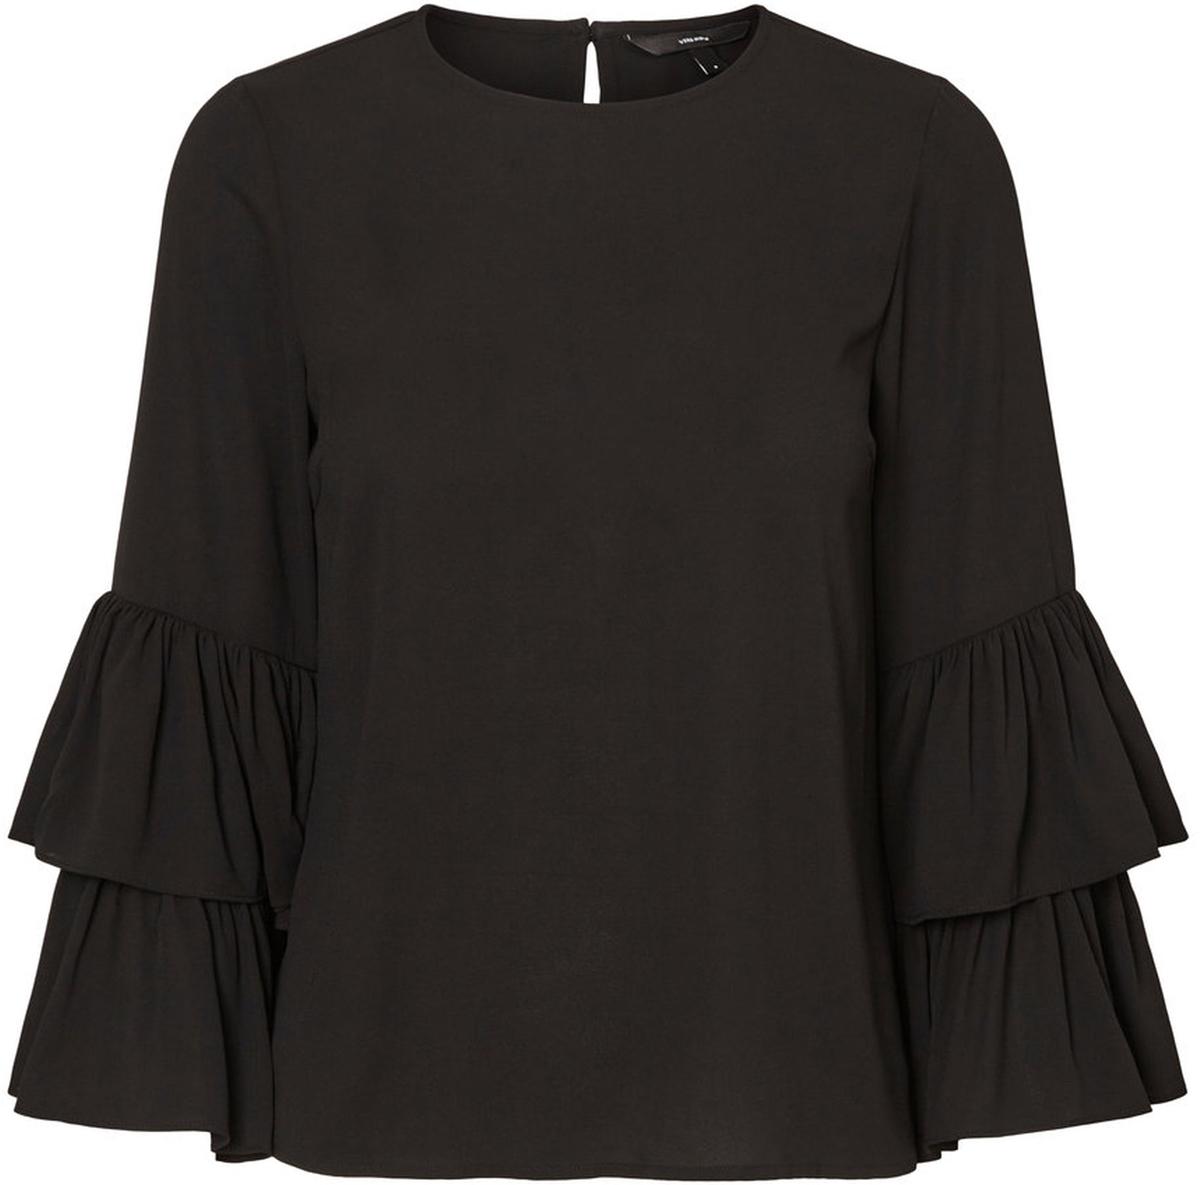 Блузка женская Vero Moda, цвет: черный. 10186367_Black. Размер L (48) блузка женская vero moda цвет черный 10187780 black размер 42 44